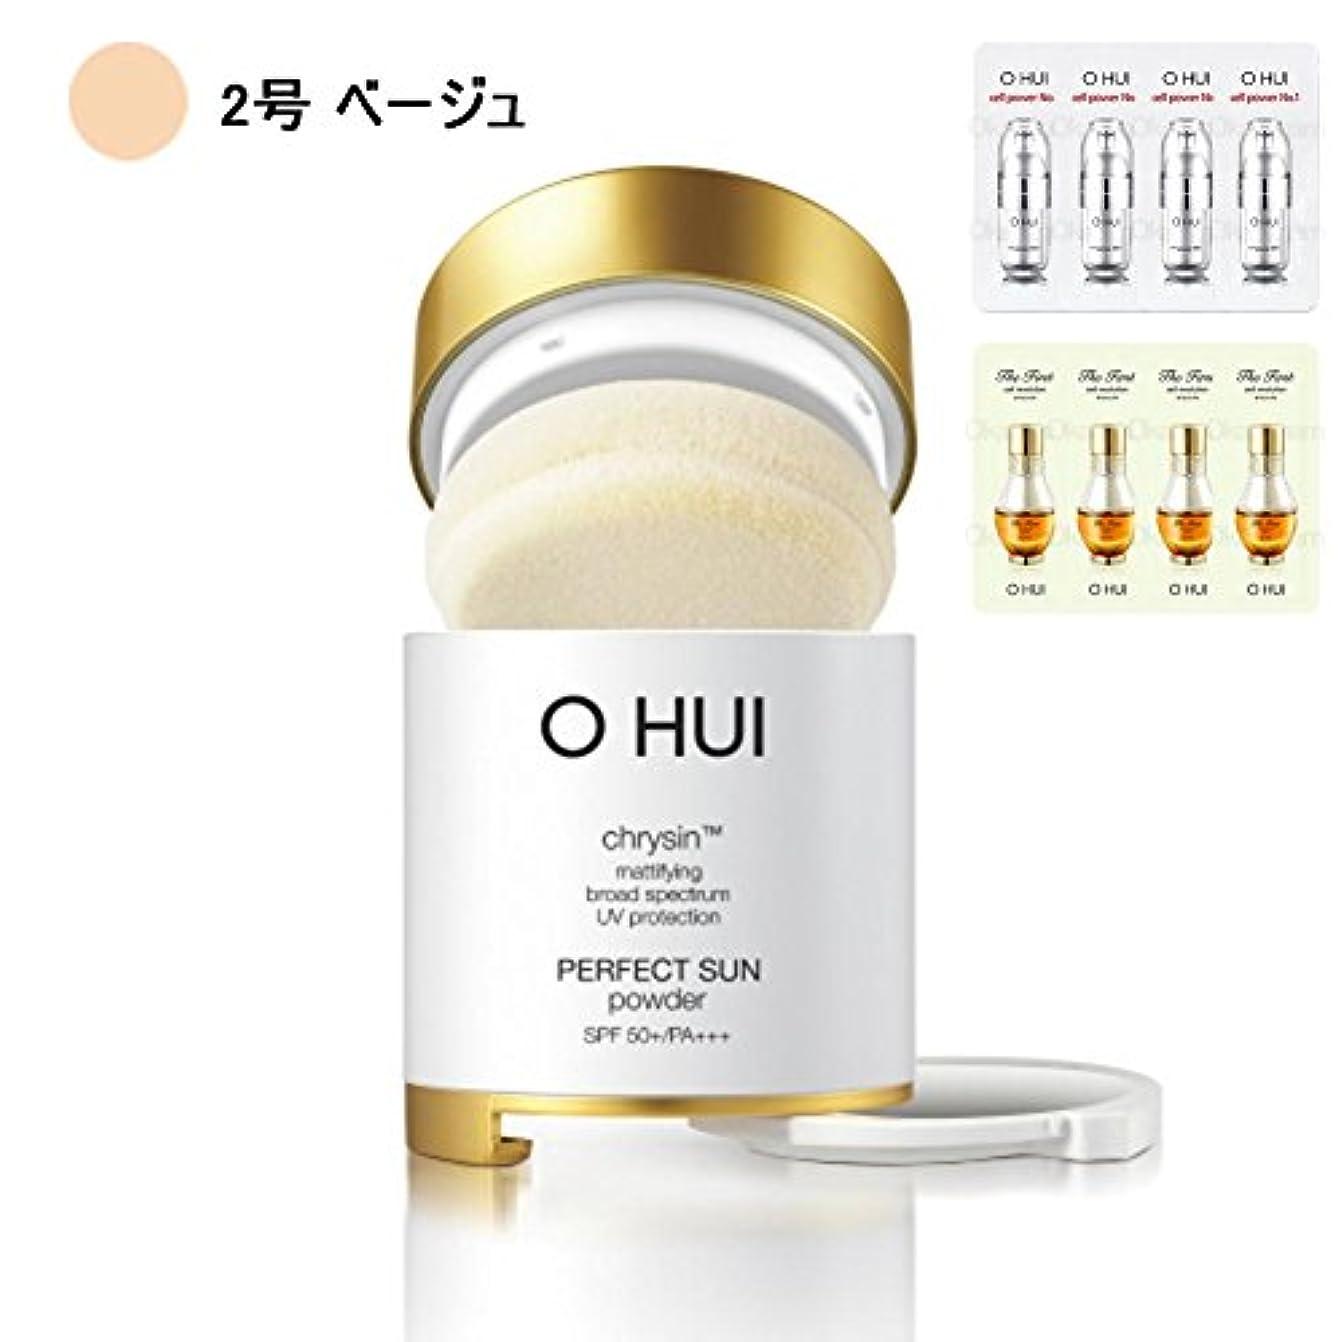 トリプル予報アカデミー[オフィ/O HUI]韓国化粧品 LG生活健康/OHUI OFS06 PERFECT SUN POWDER/オフィ パーフェクトサンパウダー 2号 (SPF50+/PA+++) +[Sample Gift](海外直送品)